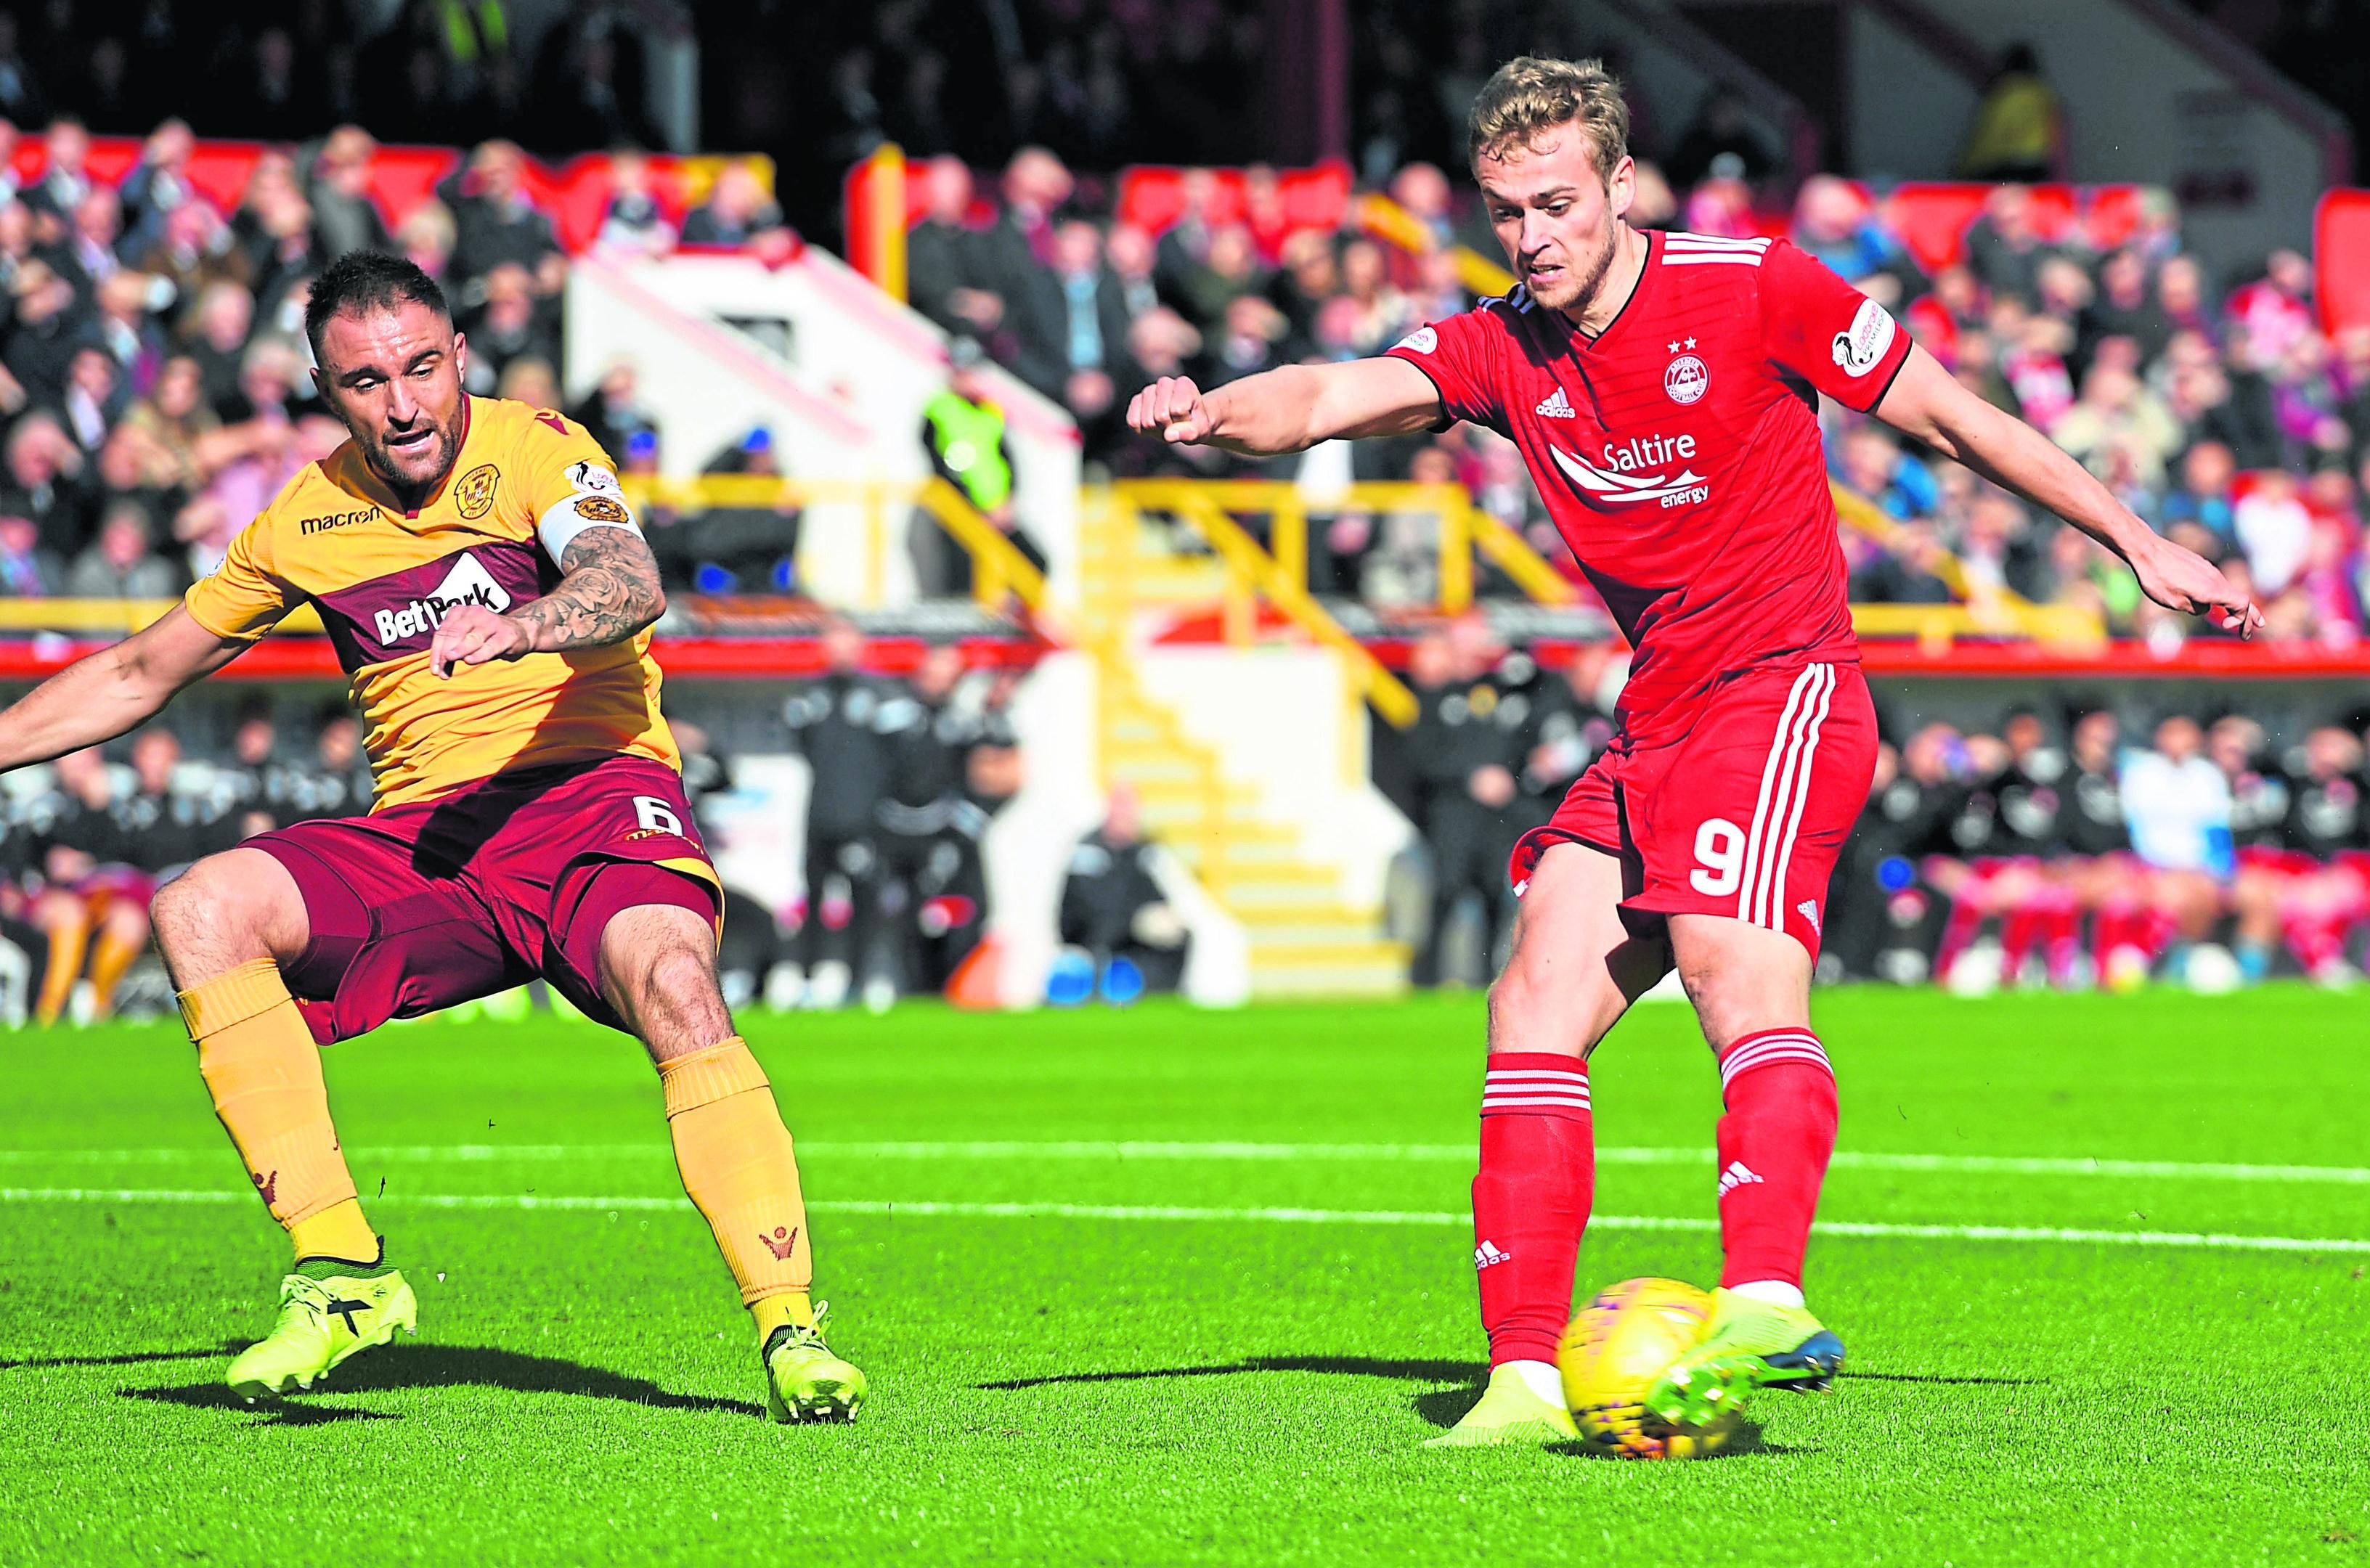 Aberdeen's James Wilson scores to make it 1-0